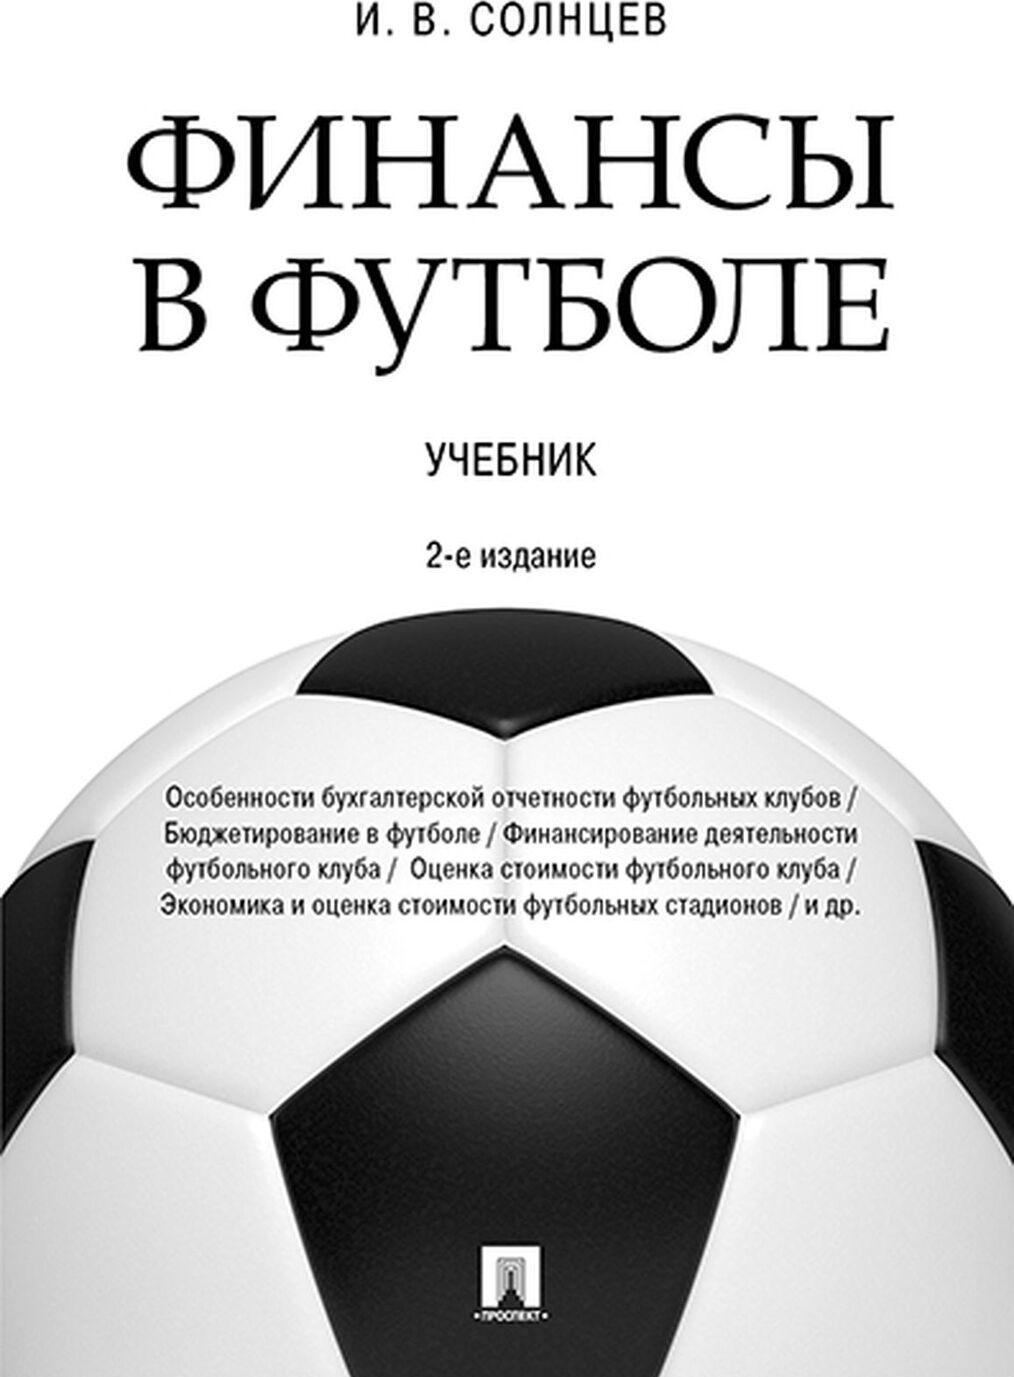 Finansy v futbole. Uchebnik